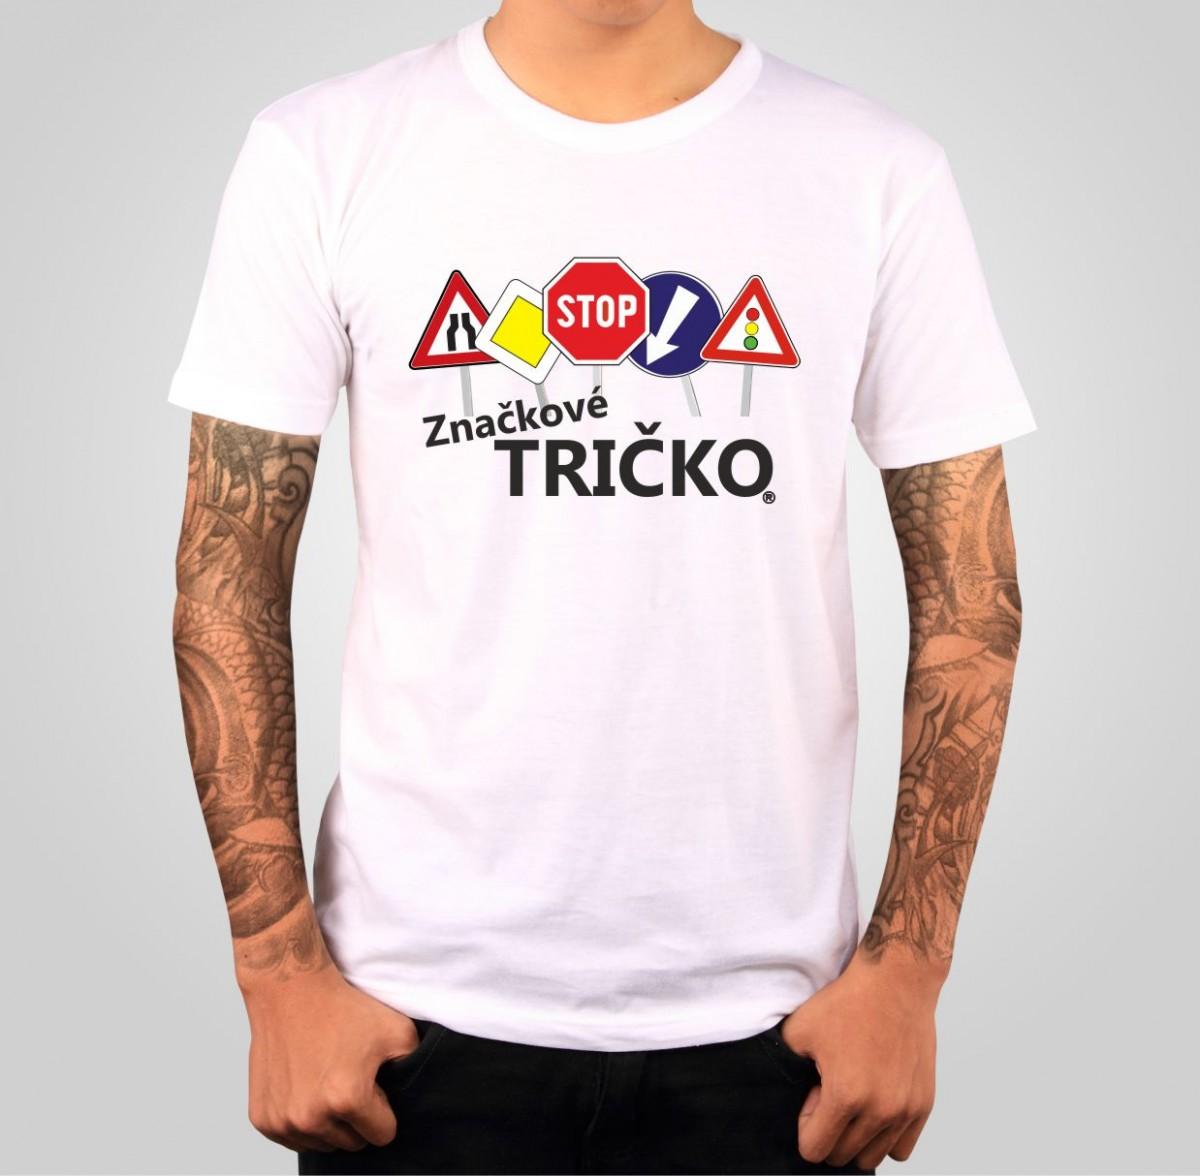 1ee41ed6d710 Tričko s potlačou - Originálne značkové tričko ǀ Fajntričko.sk